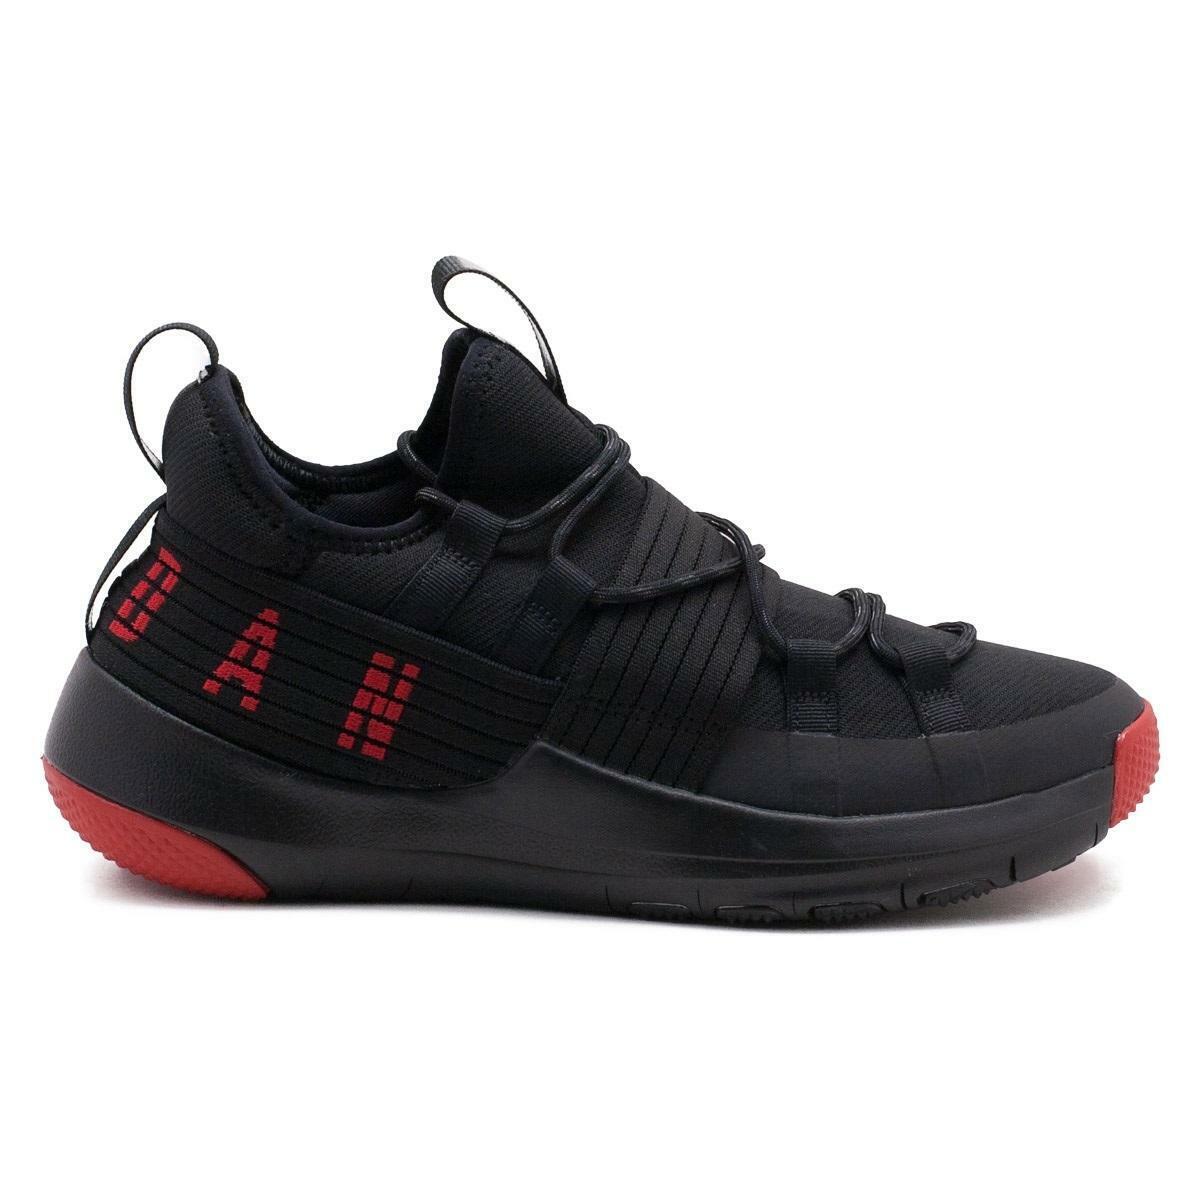 Zapatillas para hombre NIKE JORDAN TRAINER PRO AA1344 001